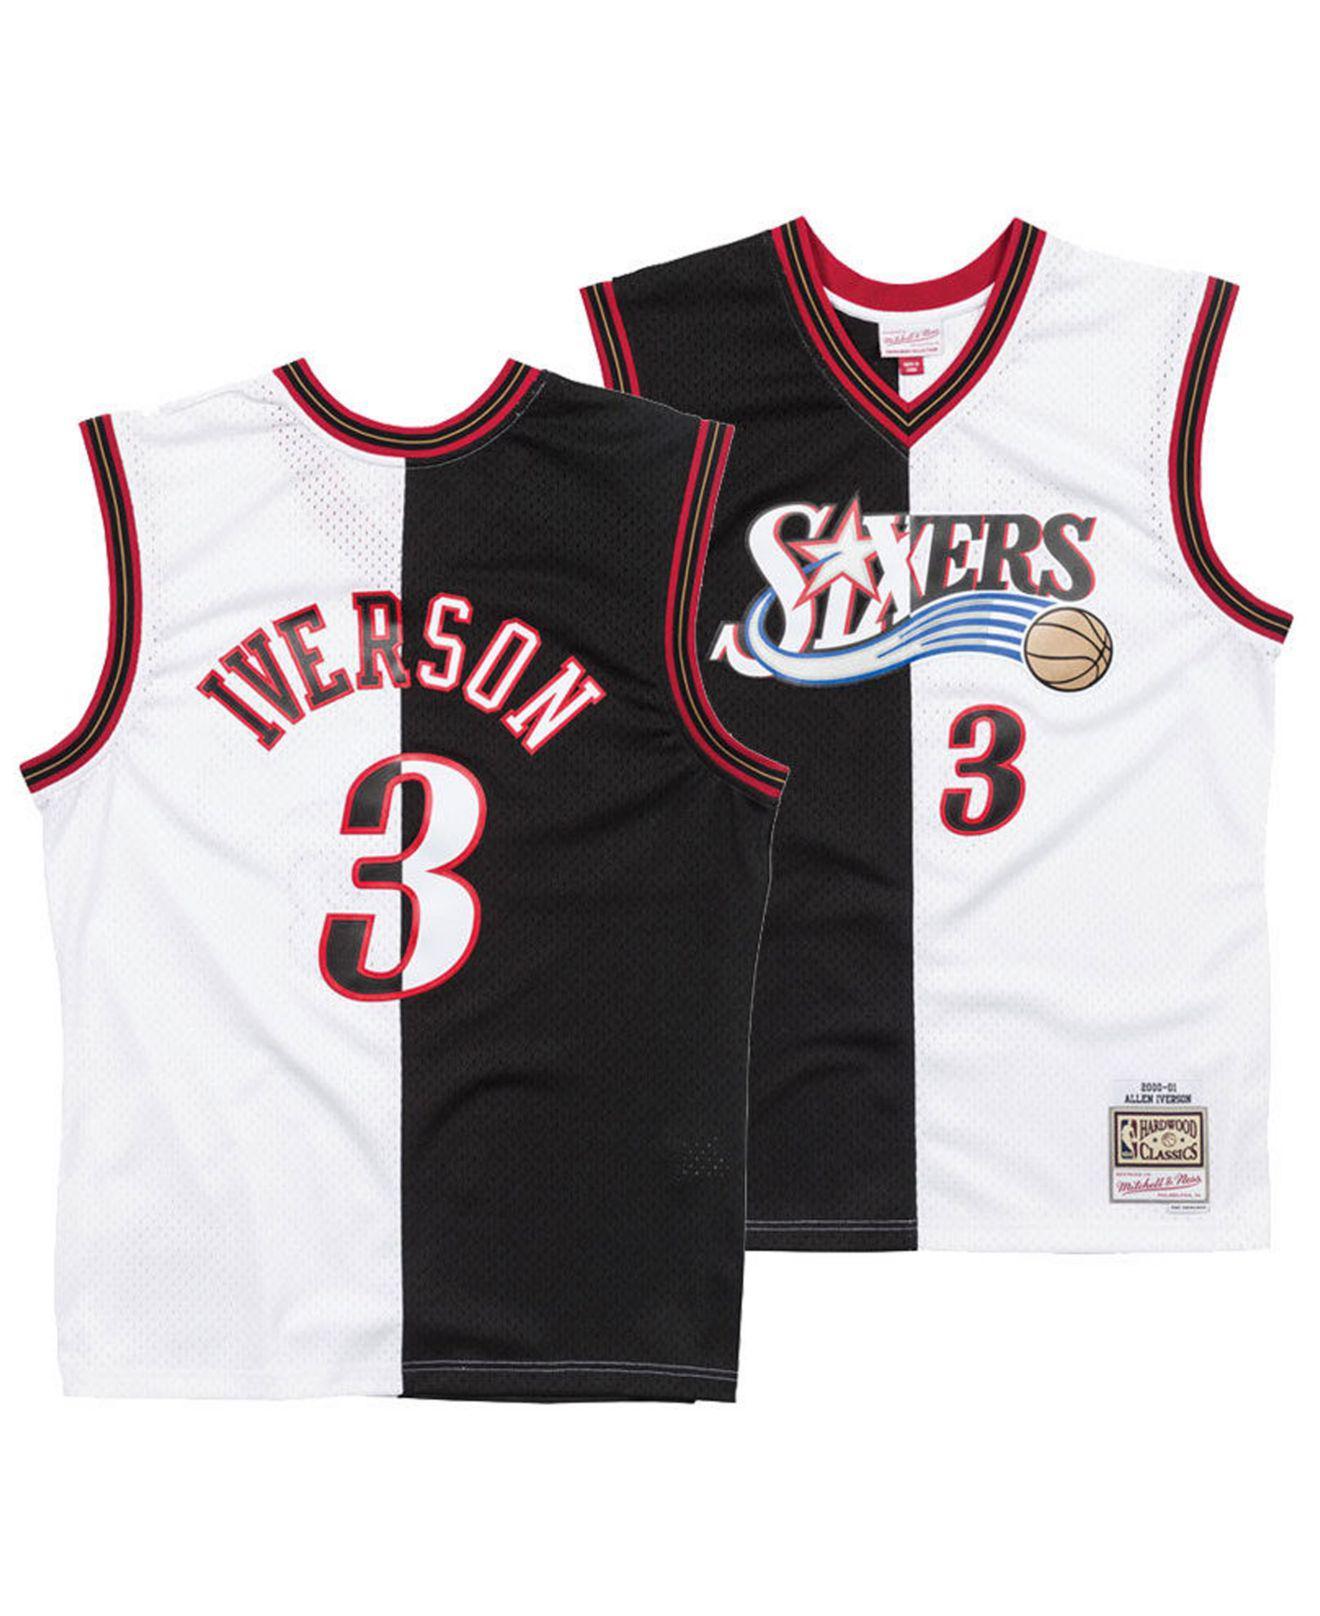 1d1fd80fe15 Mitchell   Ness. Men s Black Allen Iverson Philadelphia 76ers Split  Swingman Jersey